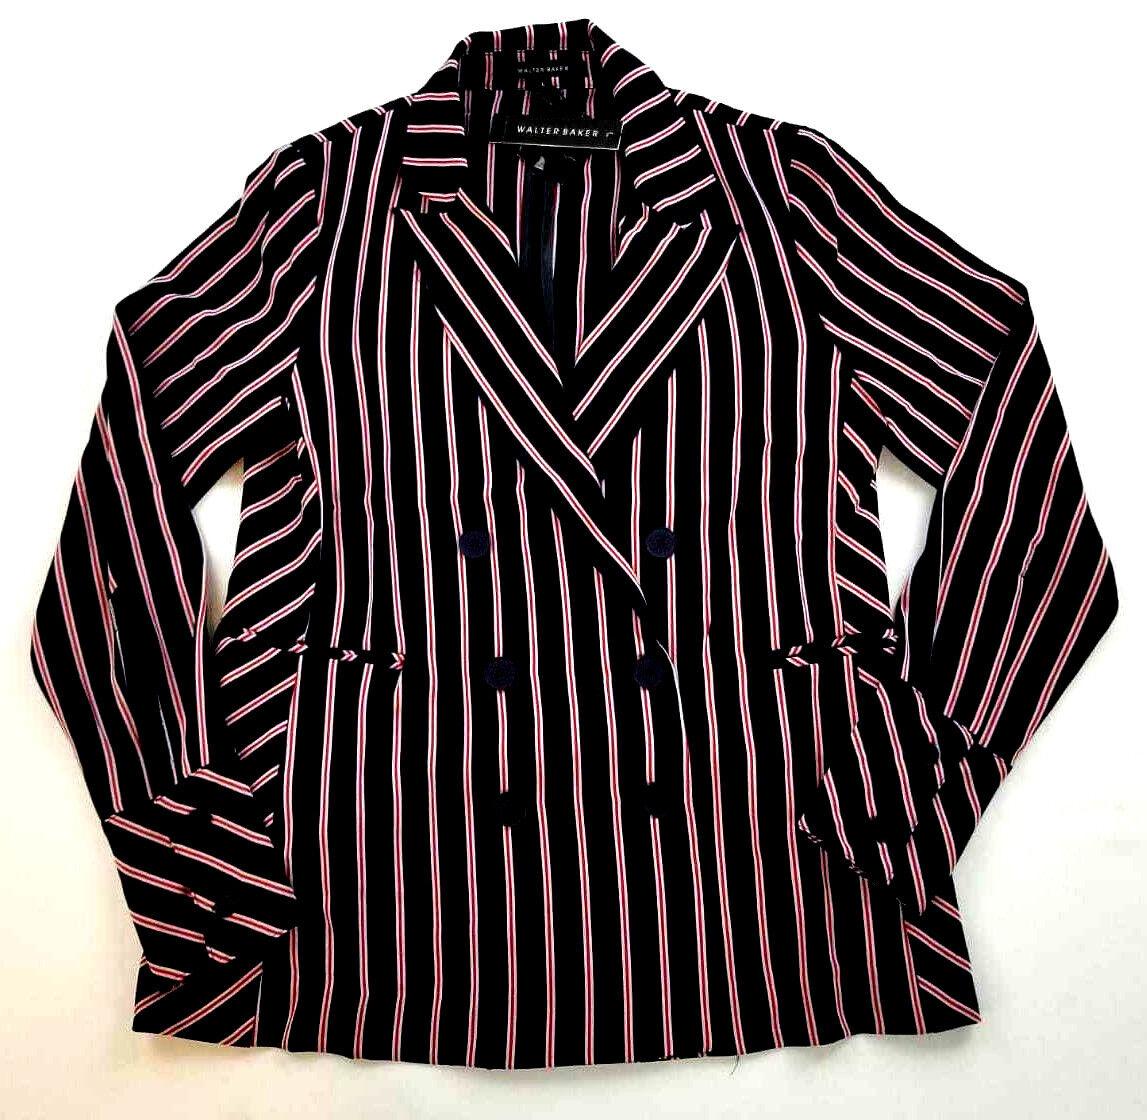 New WALTER BAKER damen Kitty Jacket W30173 navy rot stripe L MSRP